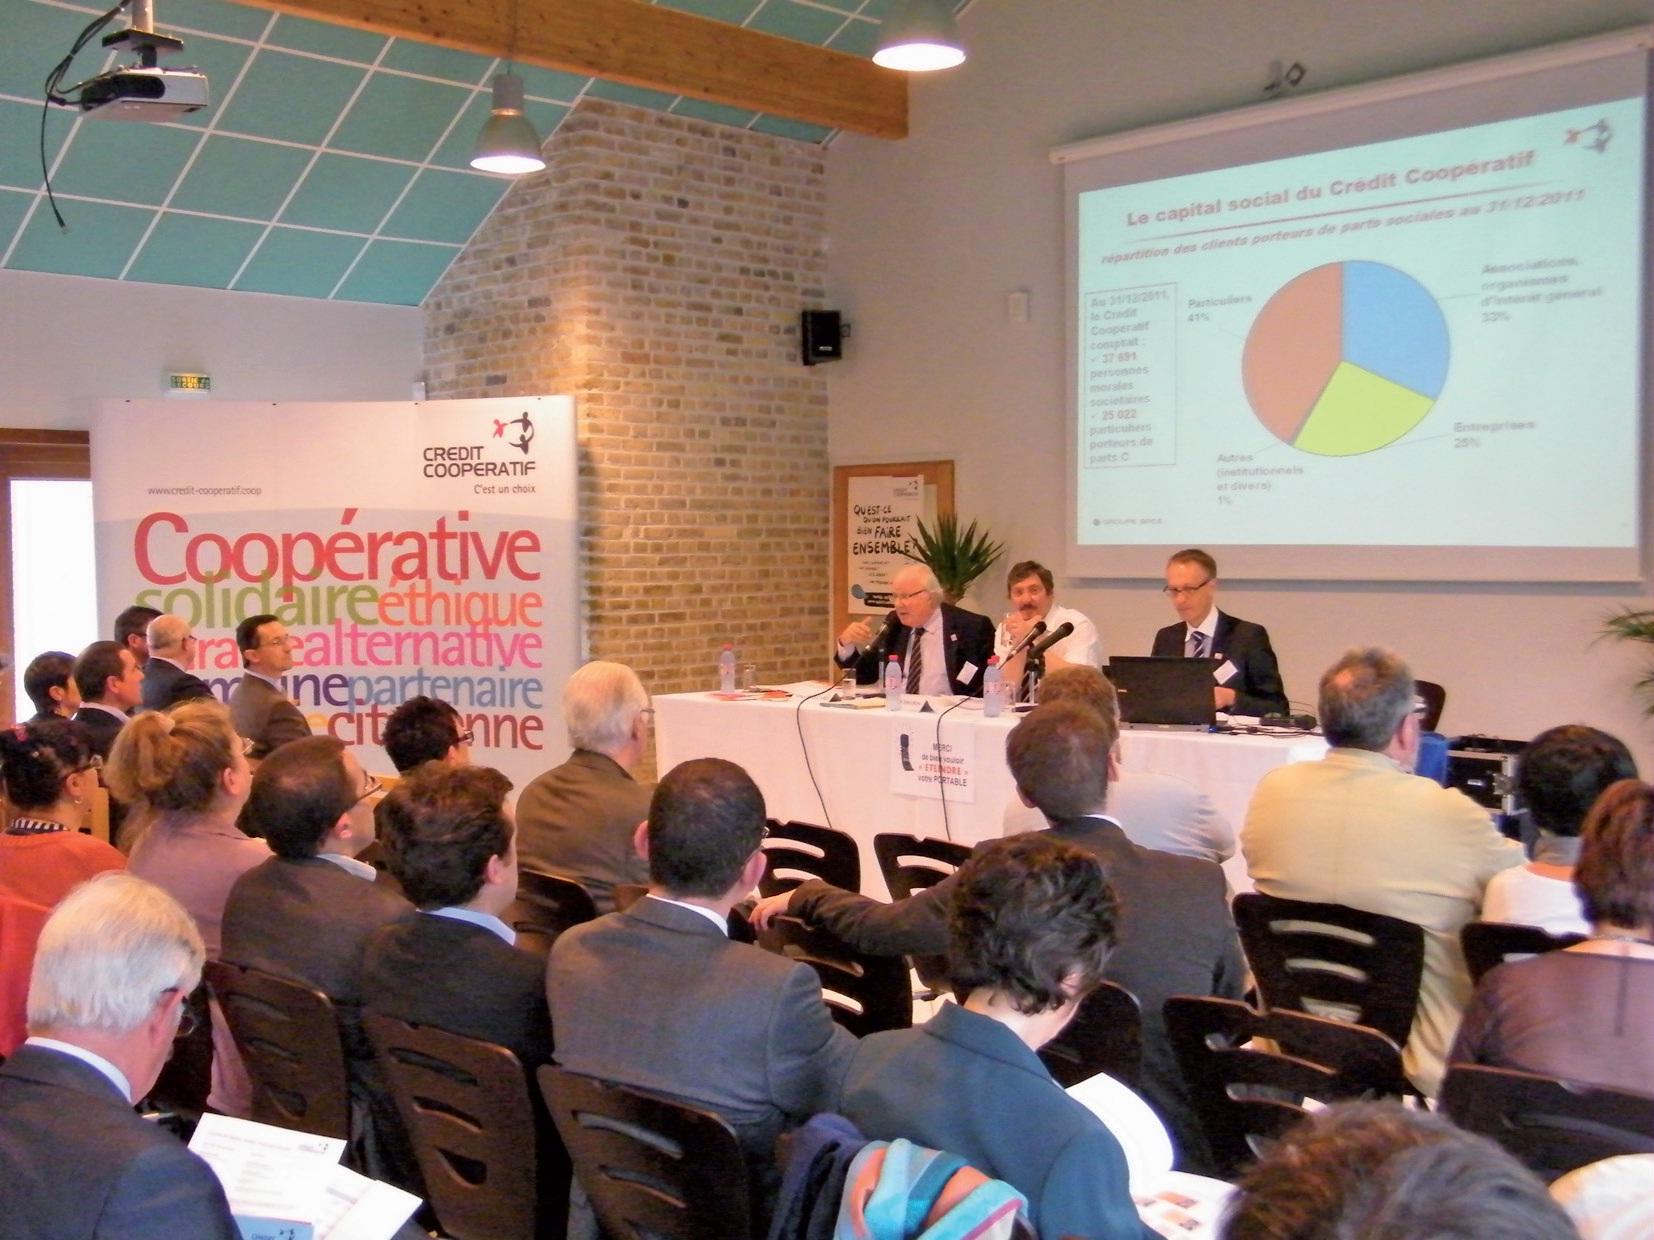 Une soixantaine de sociétaires étaient présents lors de l'assemblée générale du Crédit coopératif de la région.